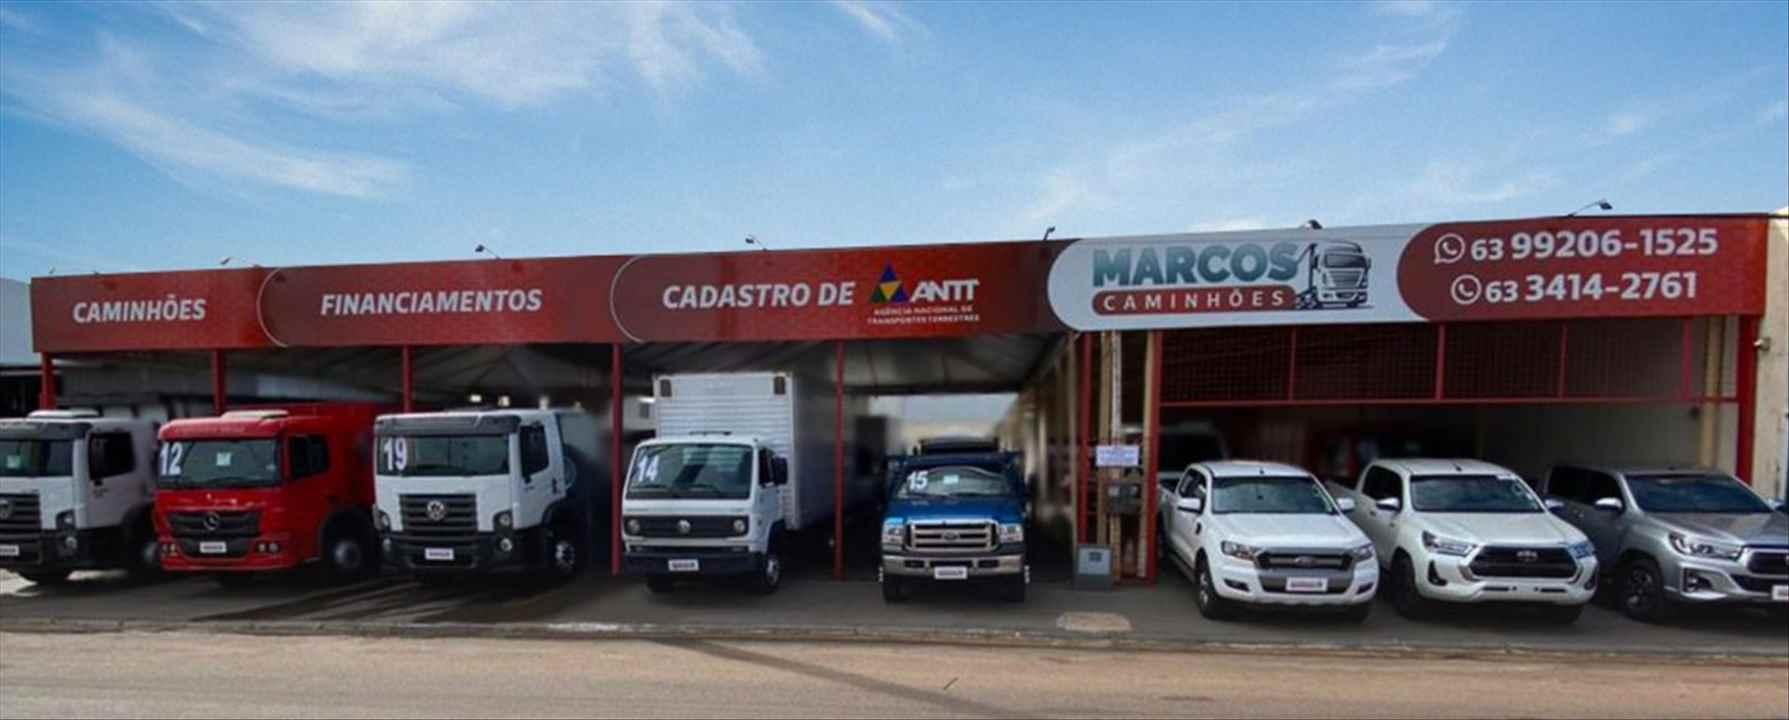 Foto da Loja da Marcos Caminhões